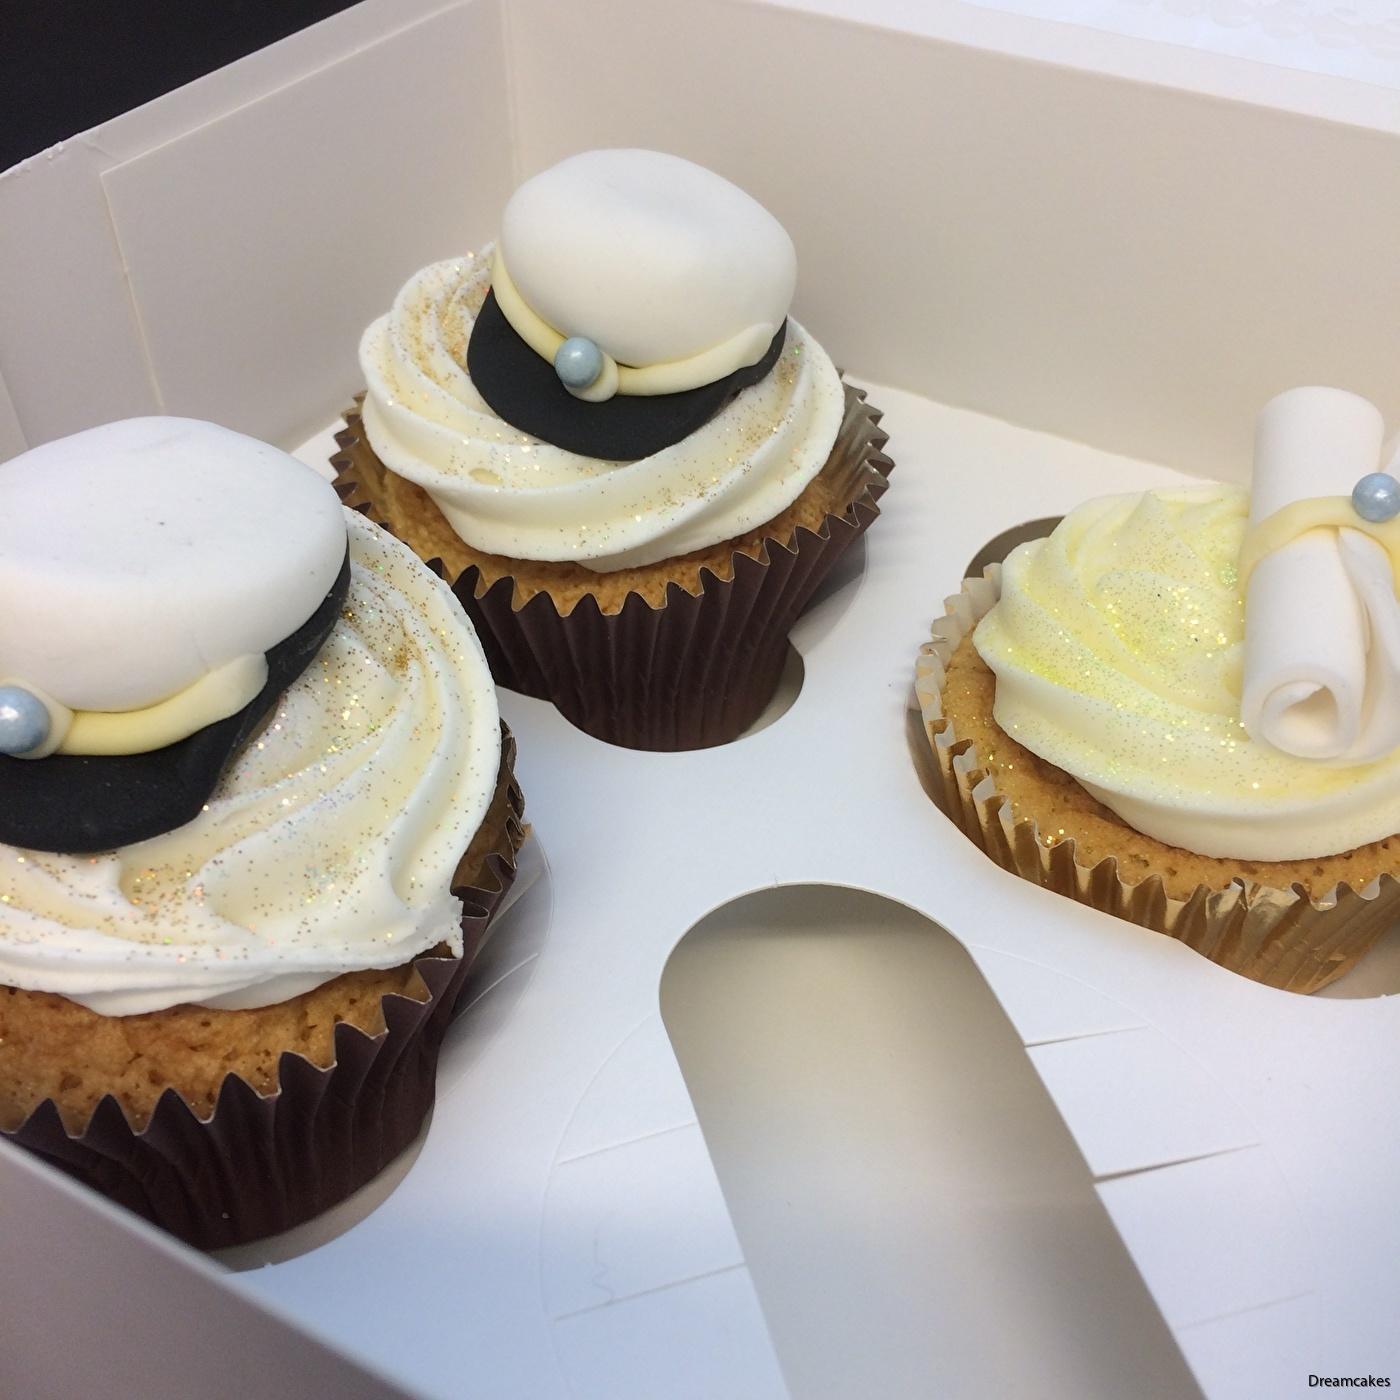 cupcakeskartong, låda för cupcakes, låda för muffins, muffinsbox, transportera cupcakes, transportera muffins